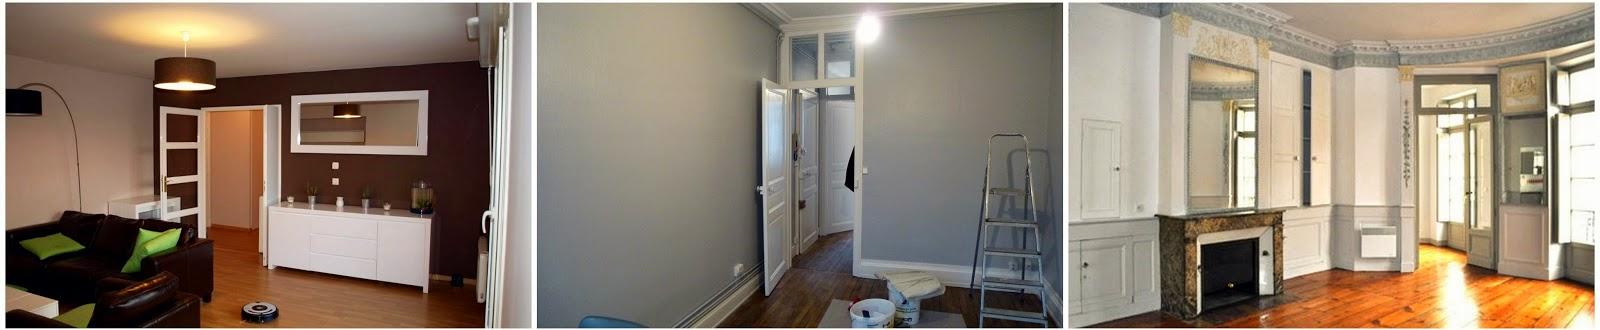 Devis peinture appartement entreprise de peinture paris - Devis peinture appartement ...